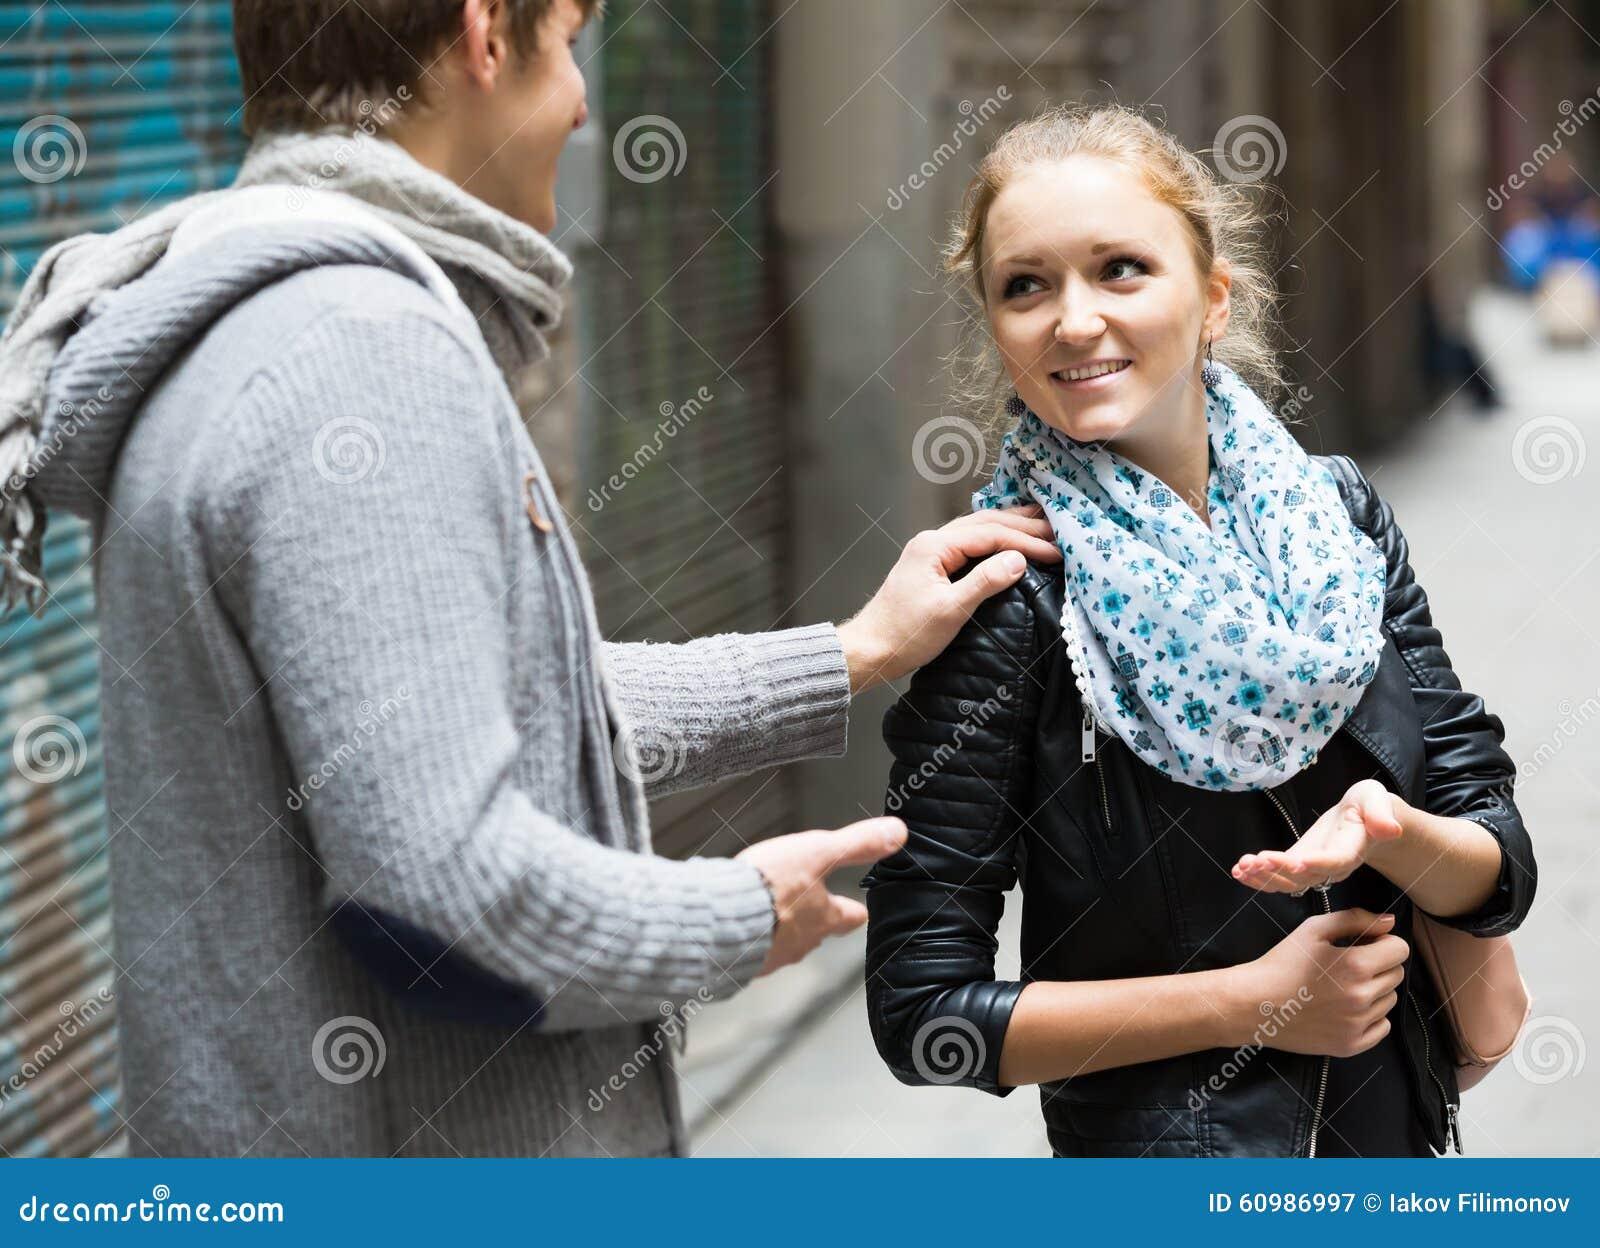 追逐喜悦的女孩的好男学生在室外日期